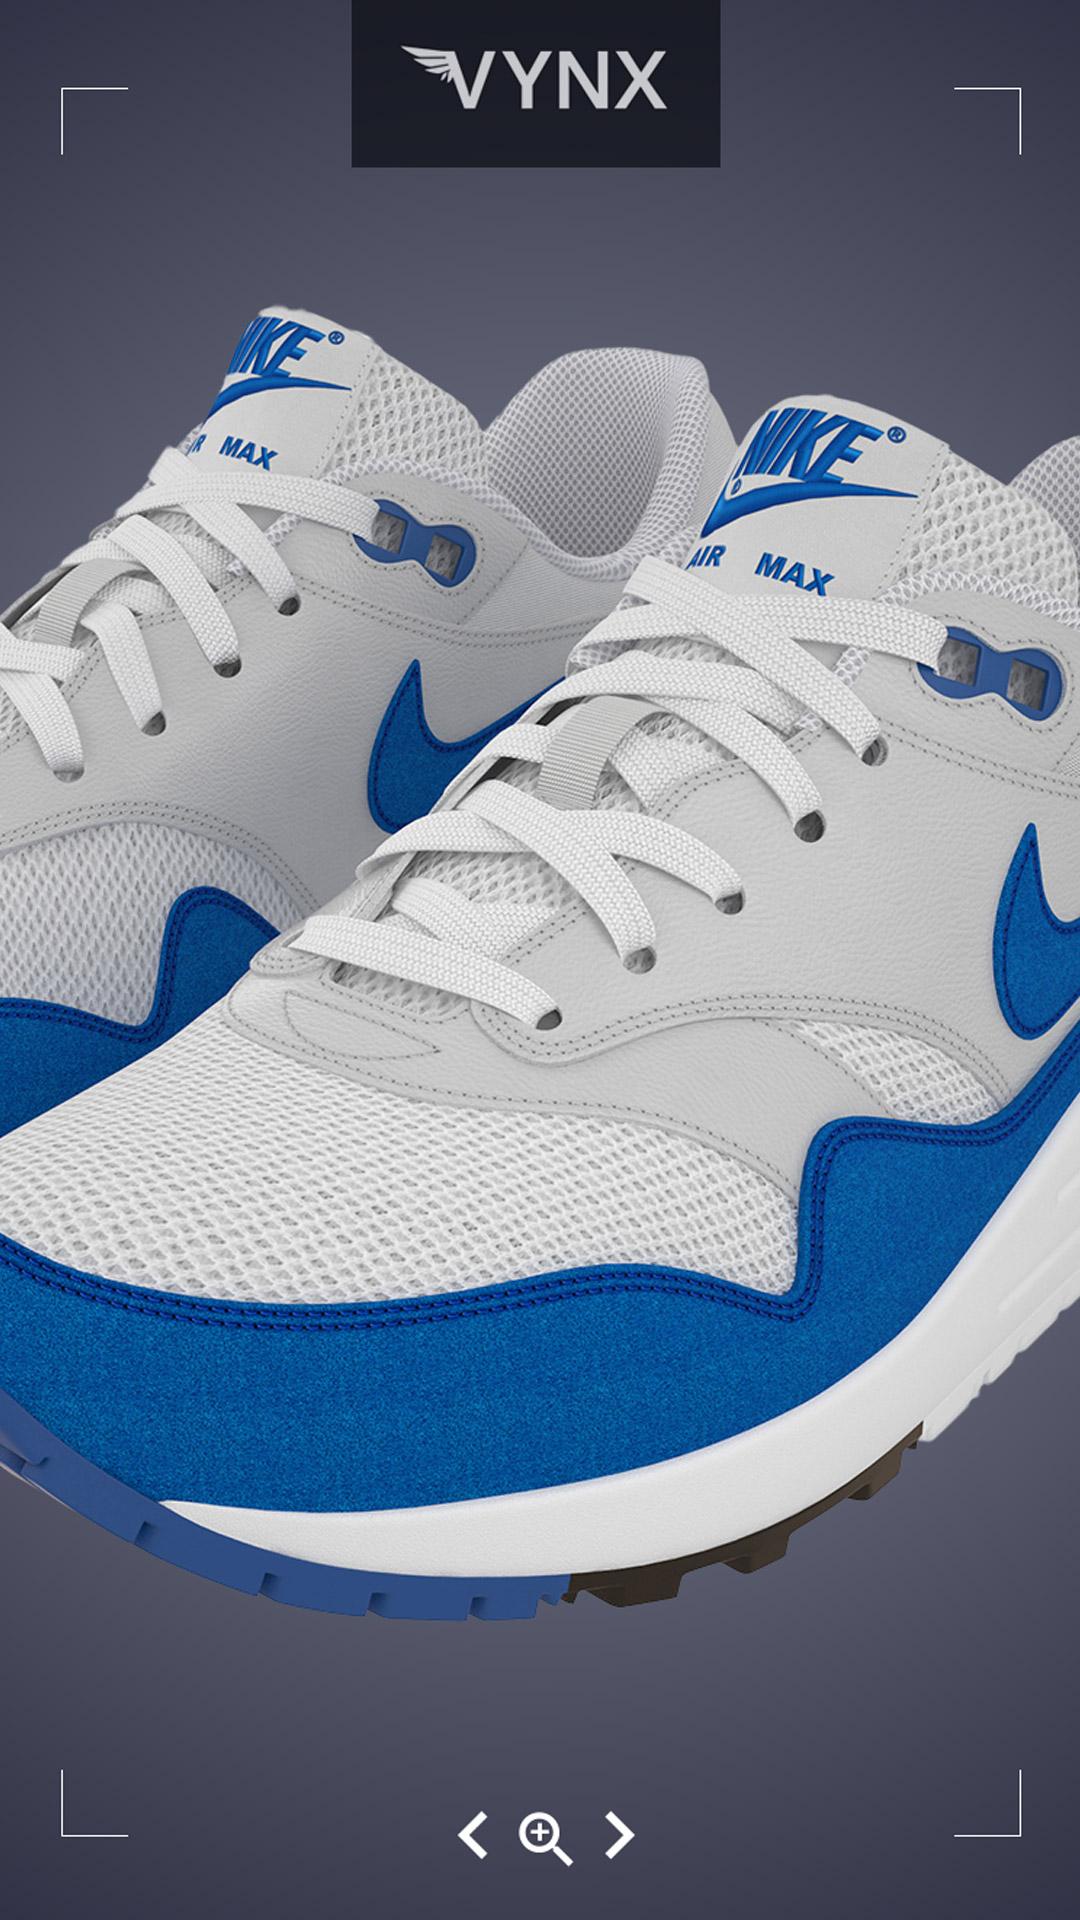 vynx-shoe-interface